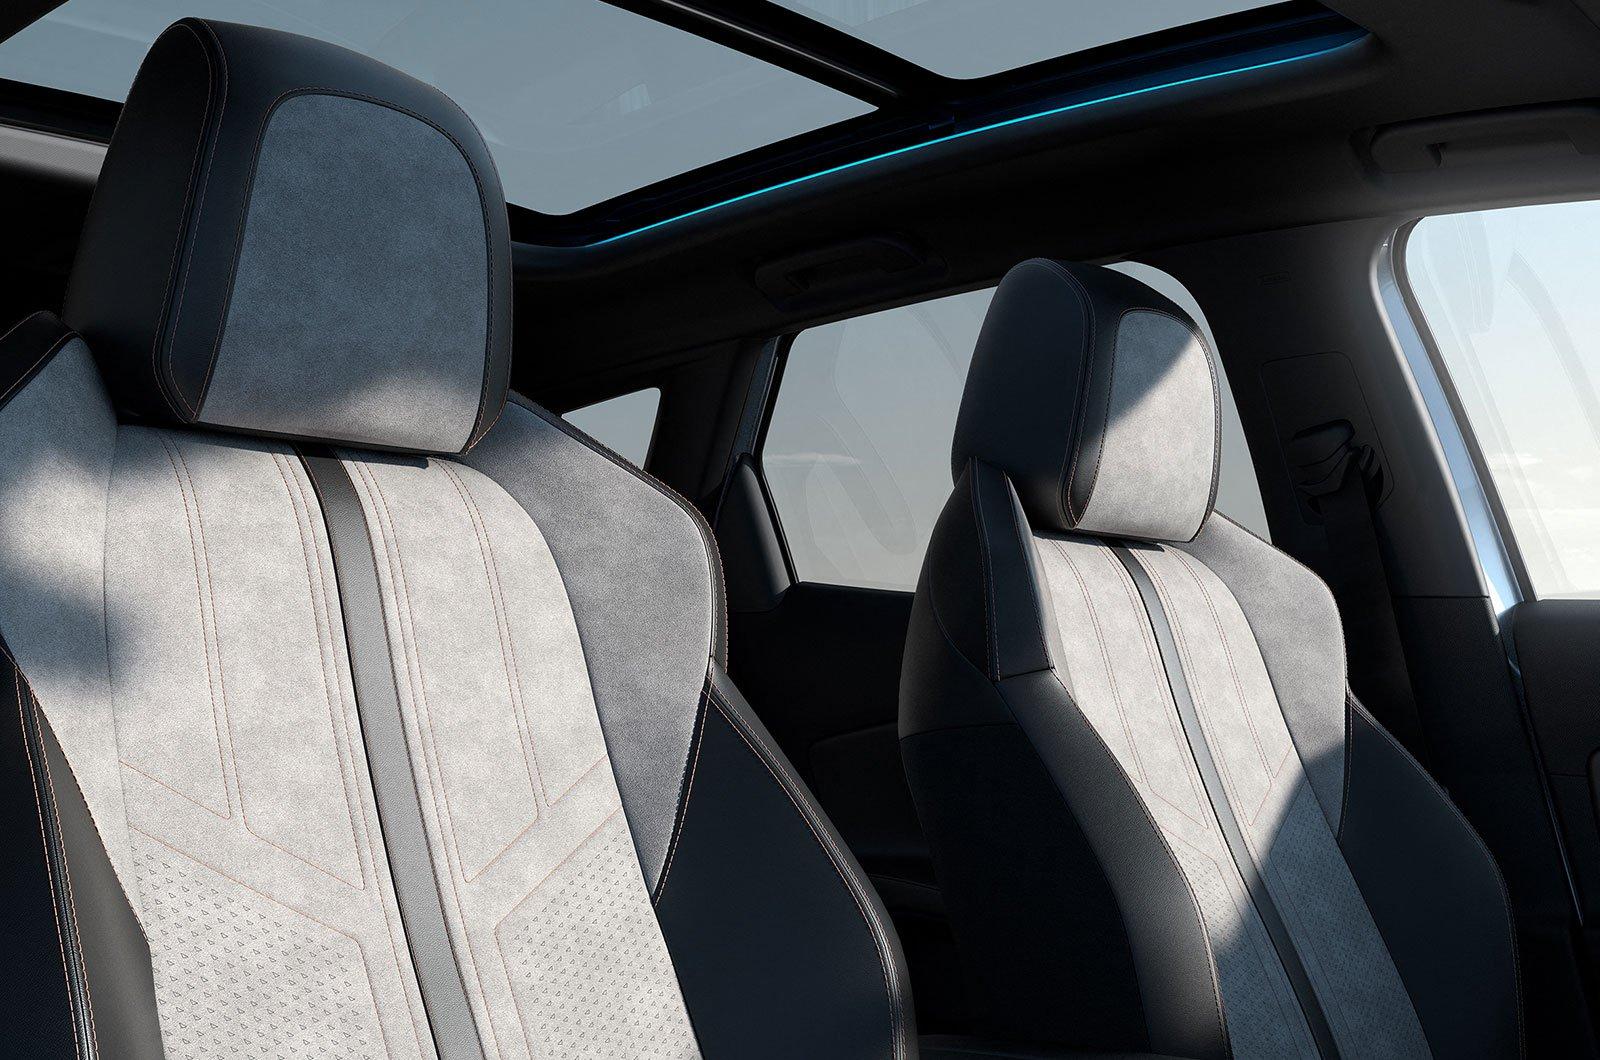 2021 Peugeot 3008 rear seats